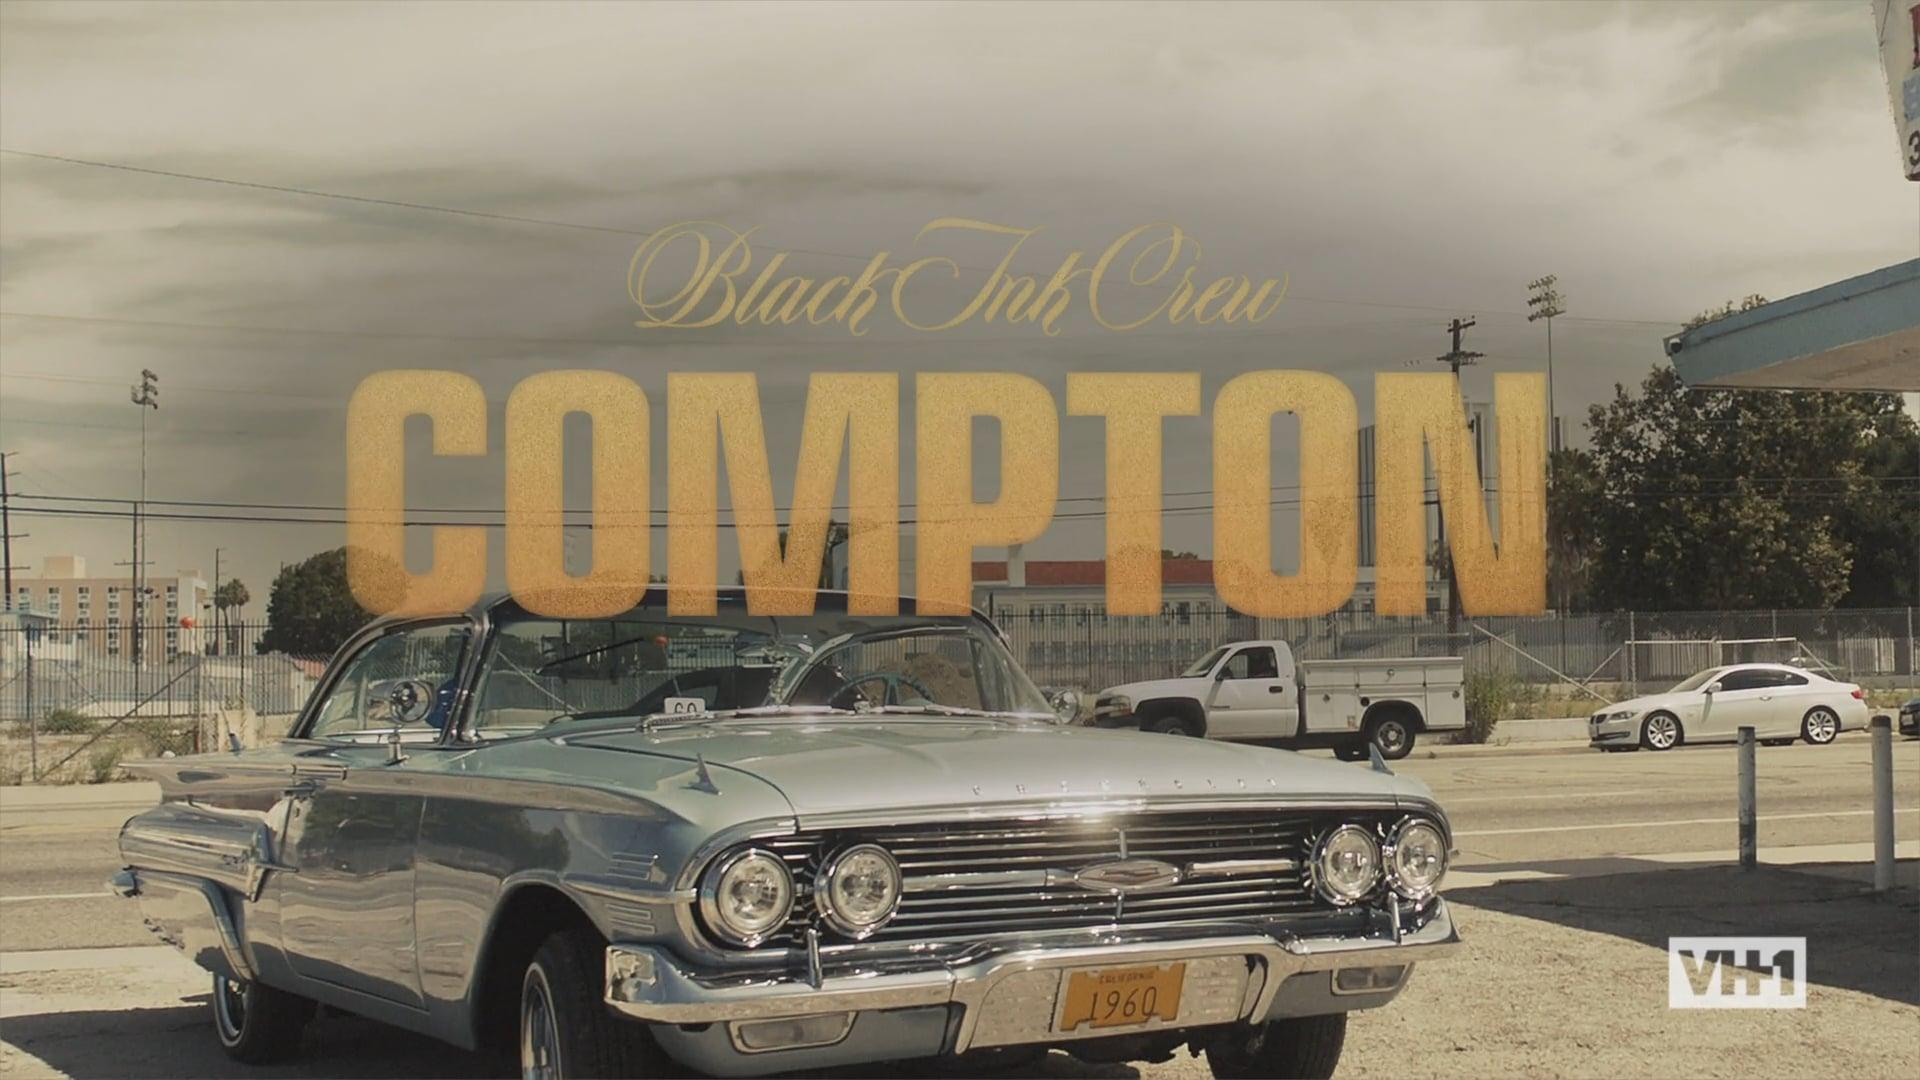 Black Ink Crew Compton Image Spot